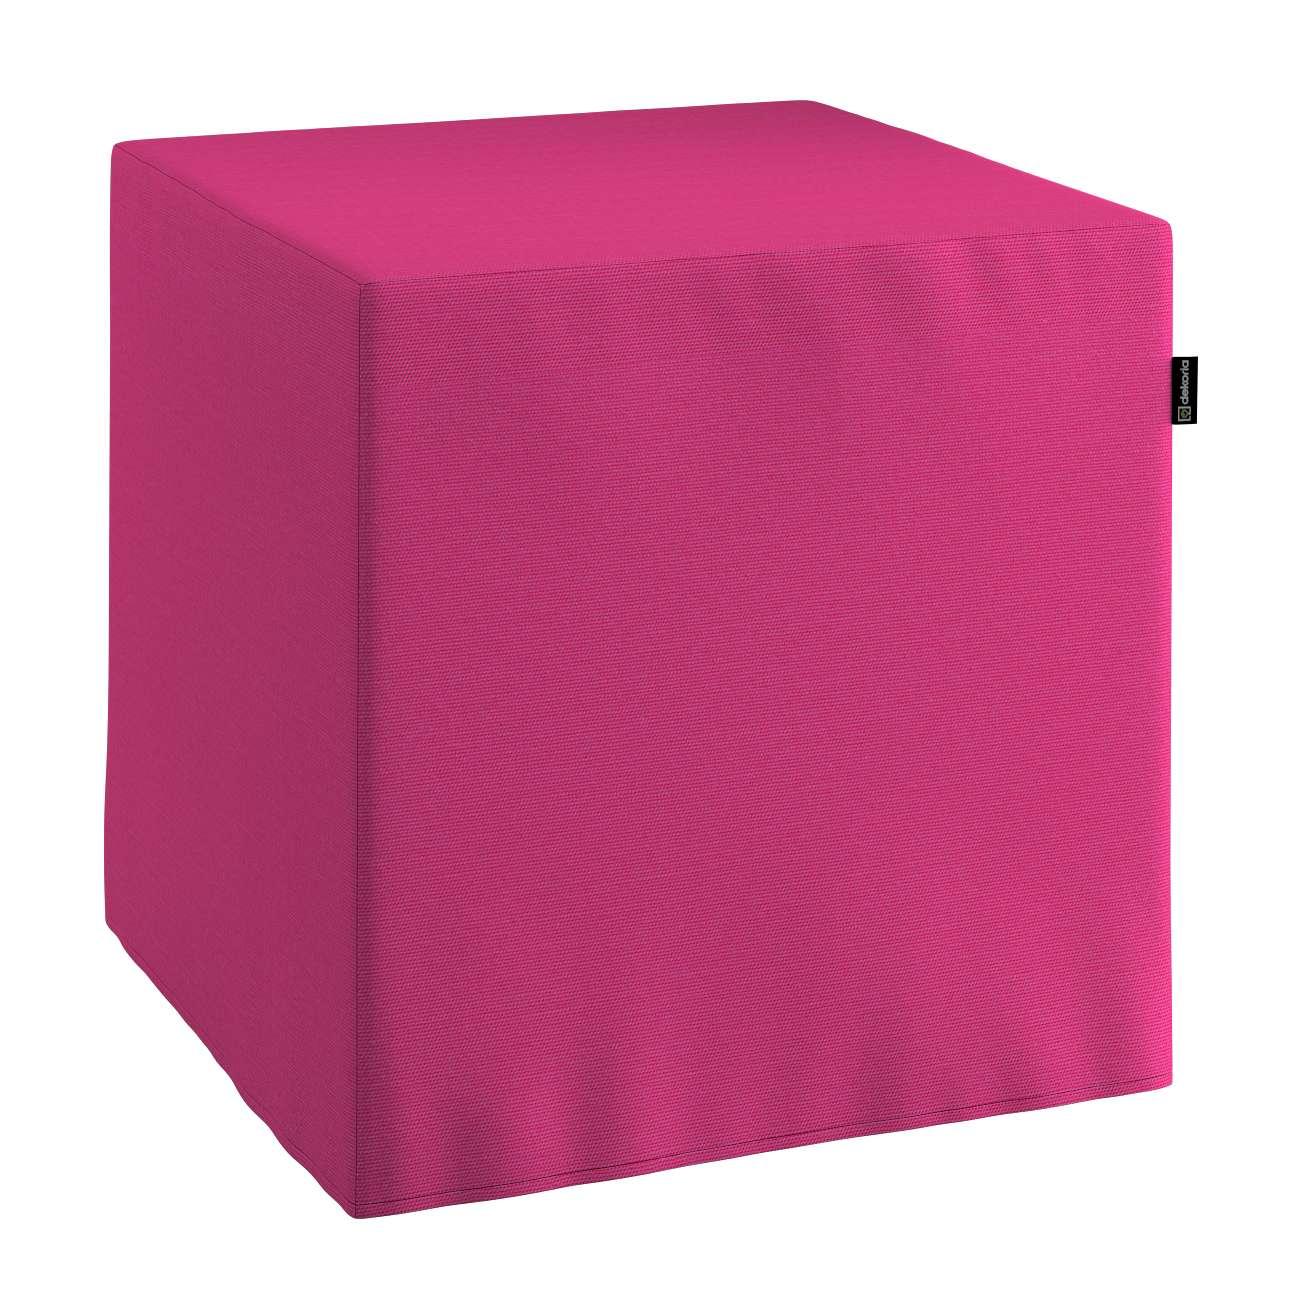 Harter Sitzwürfel 40 x 40 x 40 cm von der Kollektion Loneta, Stoff: 133-60